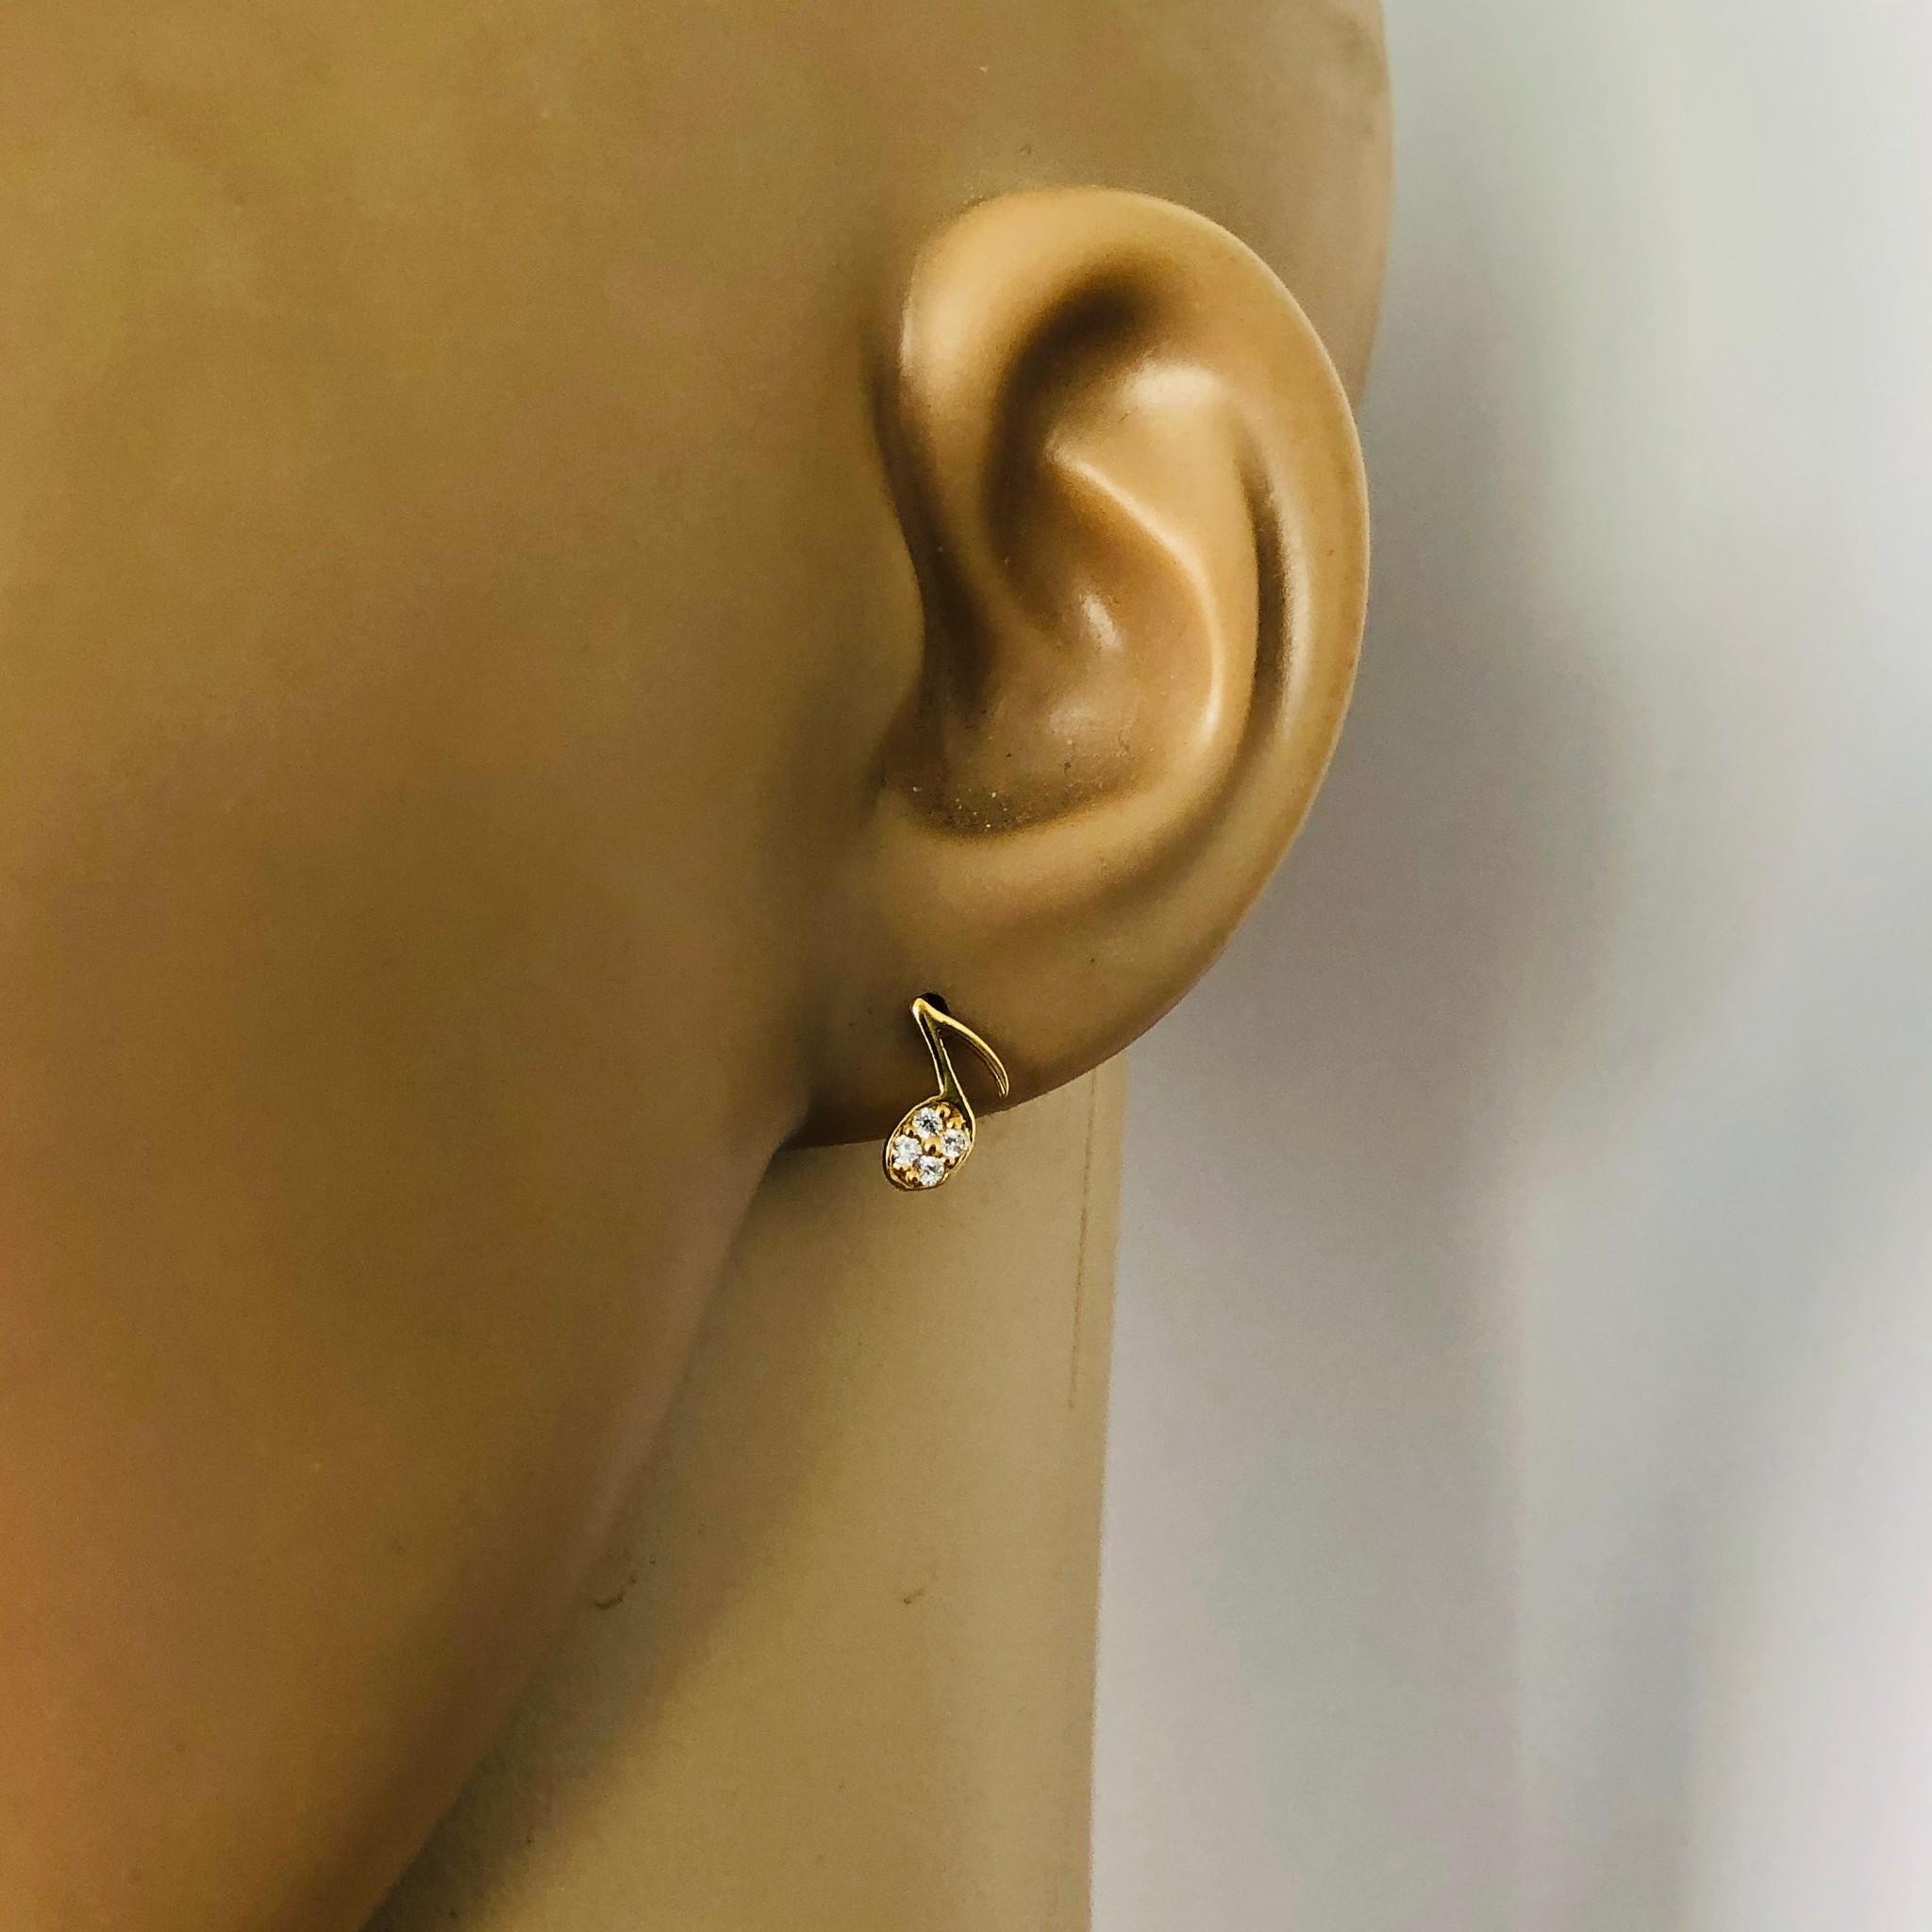 Zilveren en verguld paar mini muzieknoot oorstekers met witte zirkoon-3